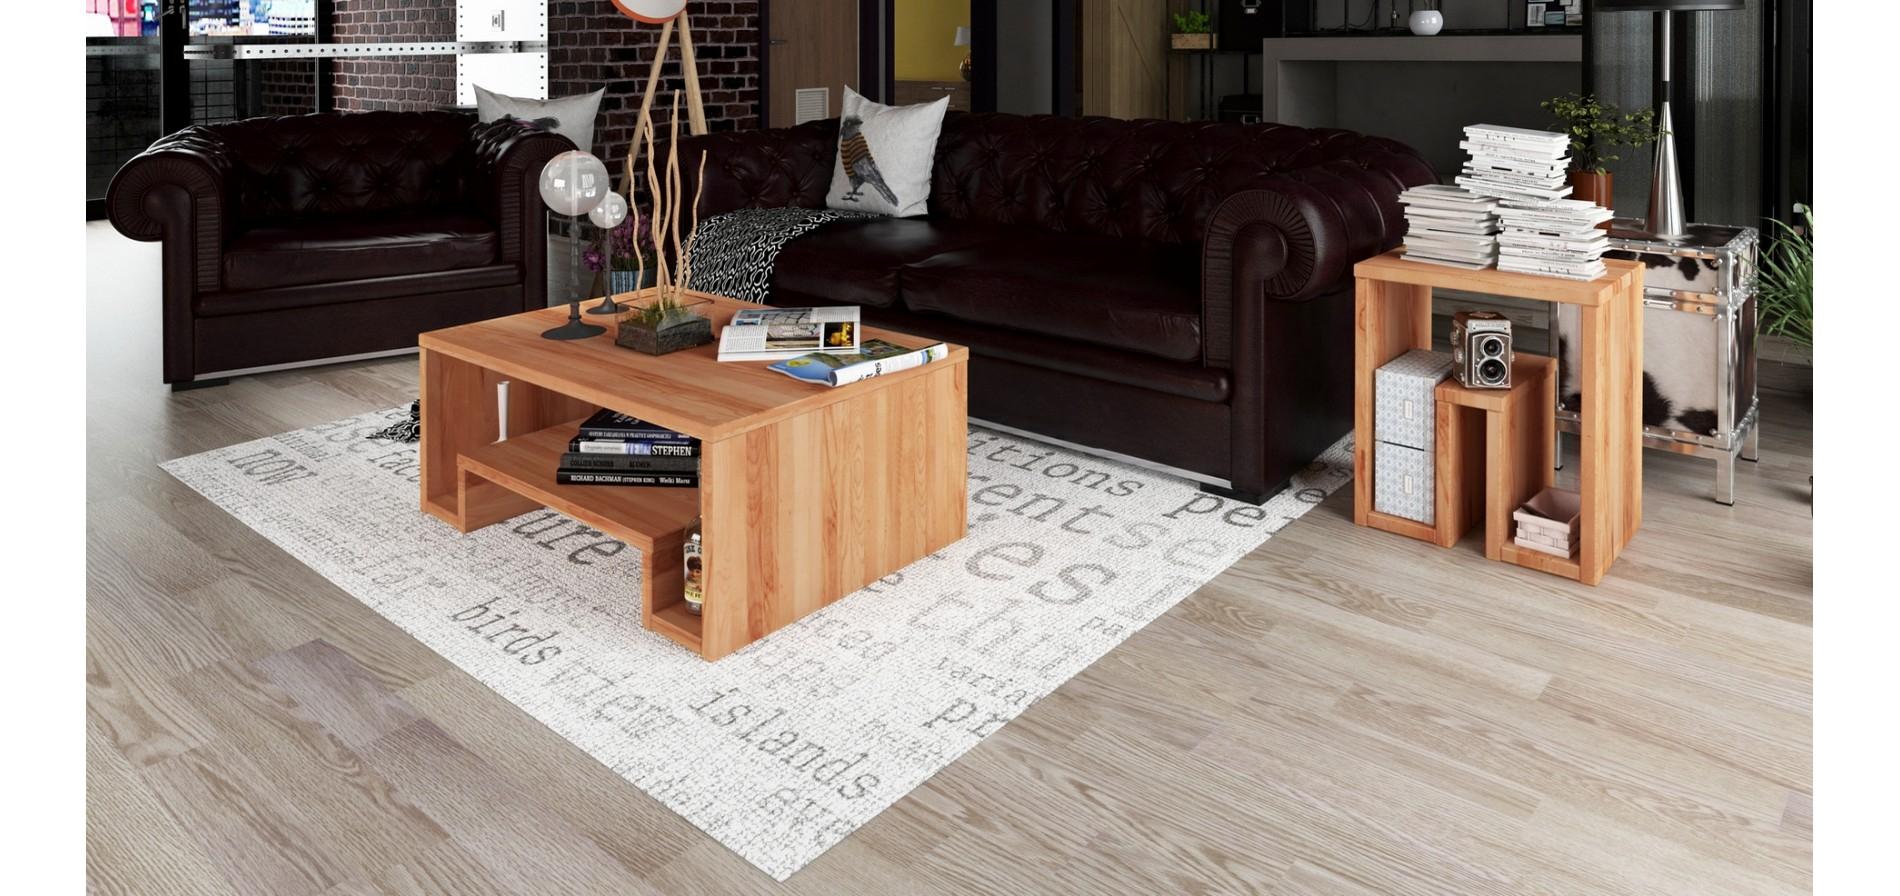 Bout de canapé en bois massif design LL